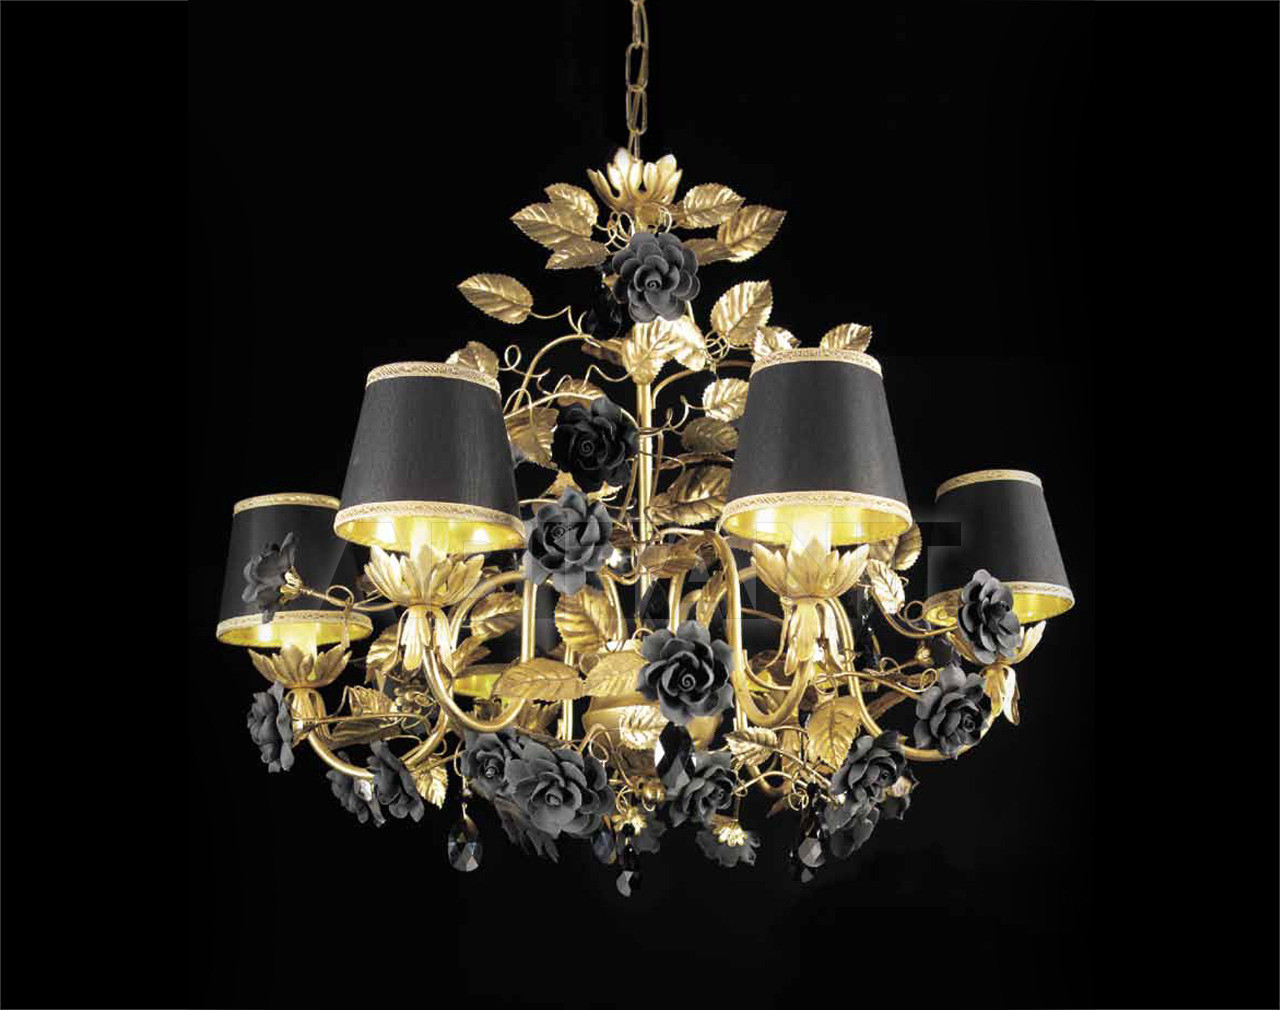 Купить Люстра Villari Home And Lights 4000316-802